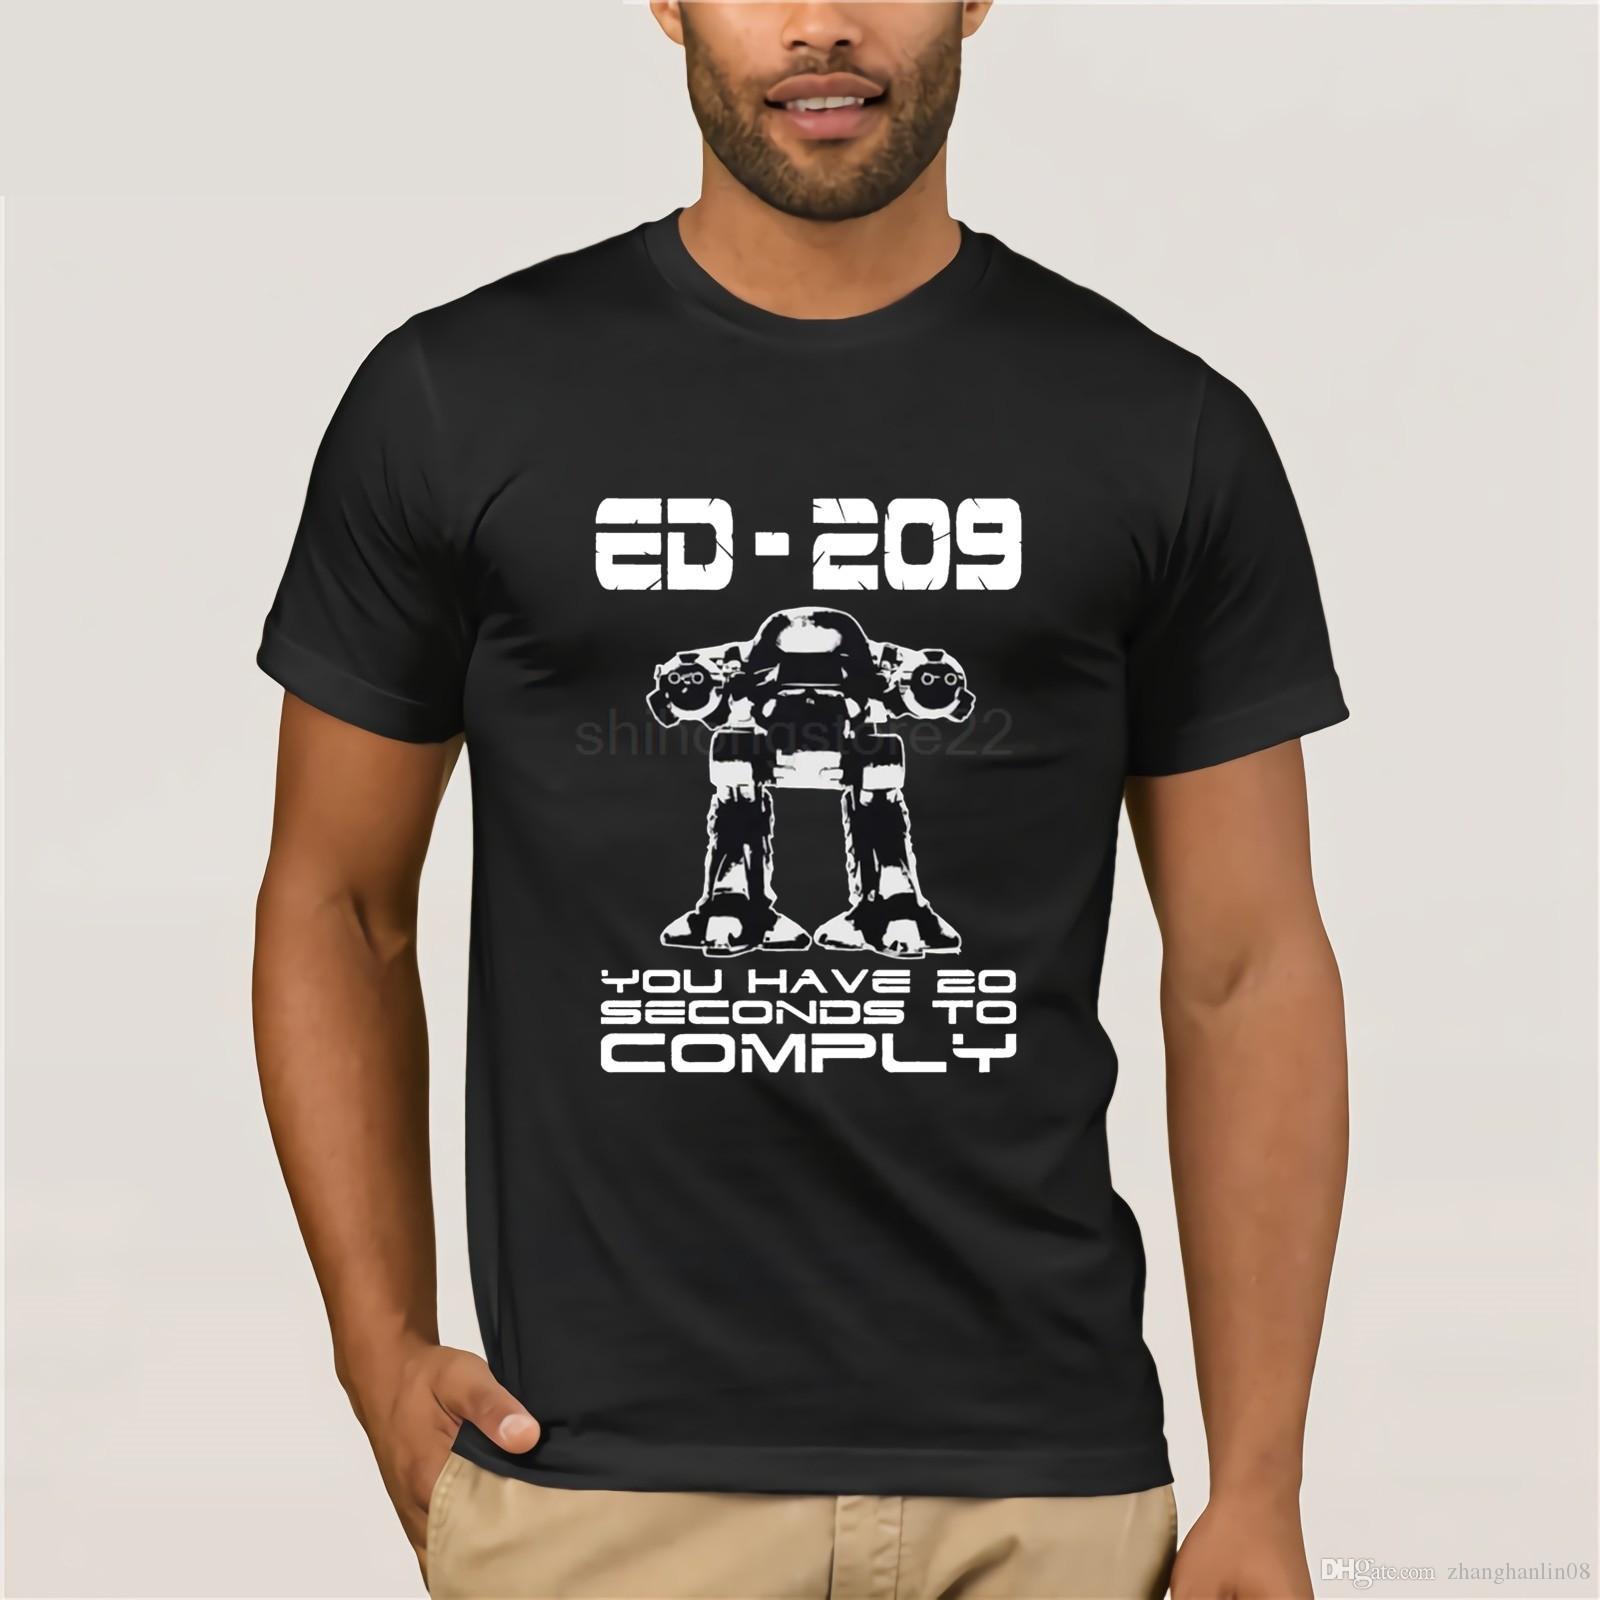 c2be3e804 100% Cotton O Neck Printed T Shirt Robocop T Shirt ED 209 Printed Shirt  Best Tshirts From Zhanghanlin08, $14.21| DHgate.Com